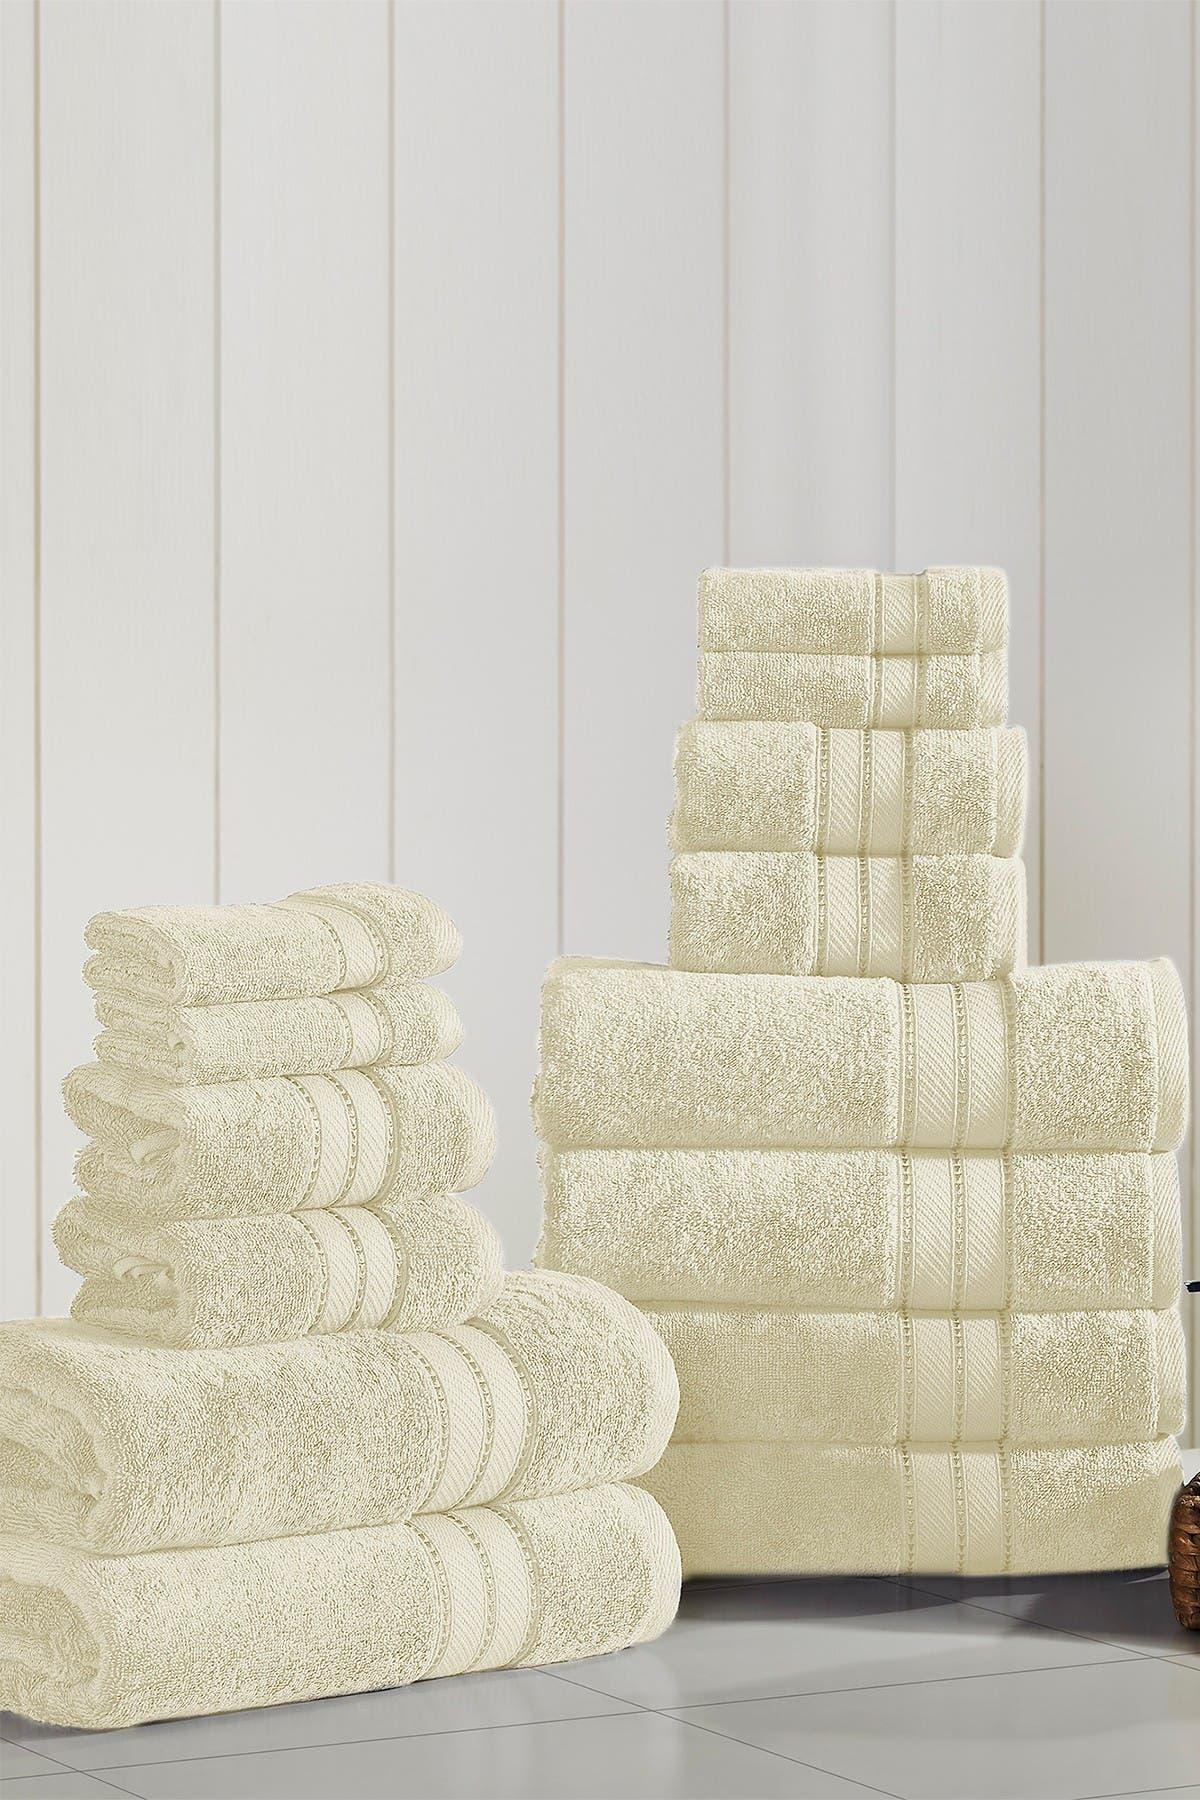 Image of Modern Threads SpunLoft 18-Piece Towel Set - Sand